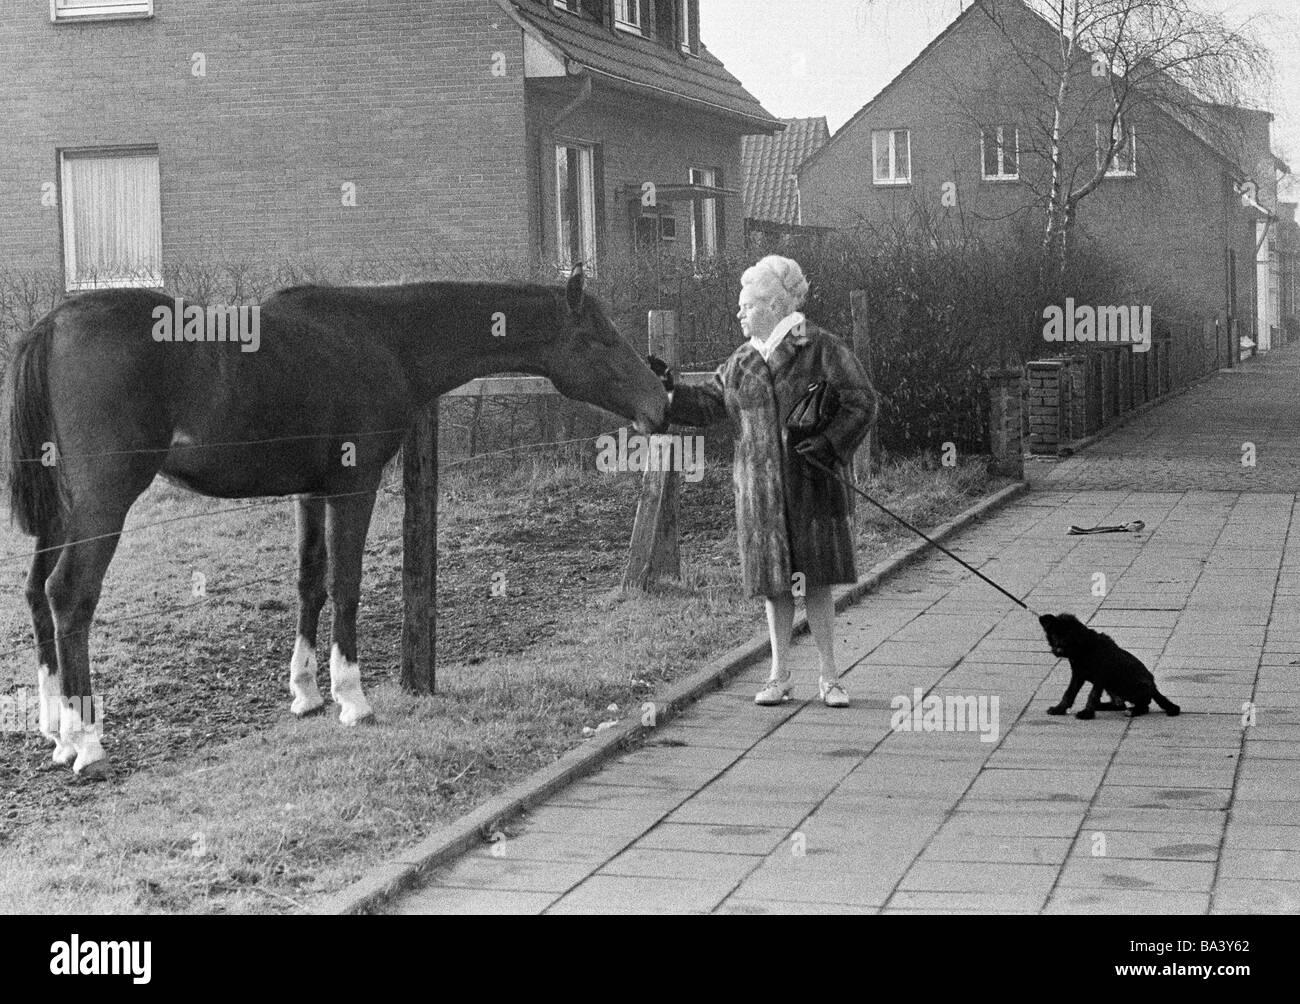 Der Siebziger Jahre Schwarz Weiss Foto Humor Tiere Frau Geht